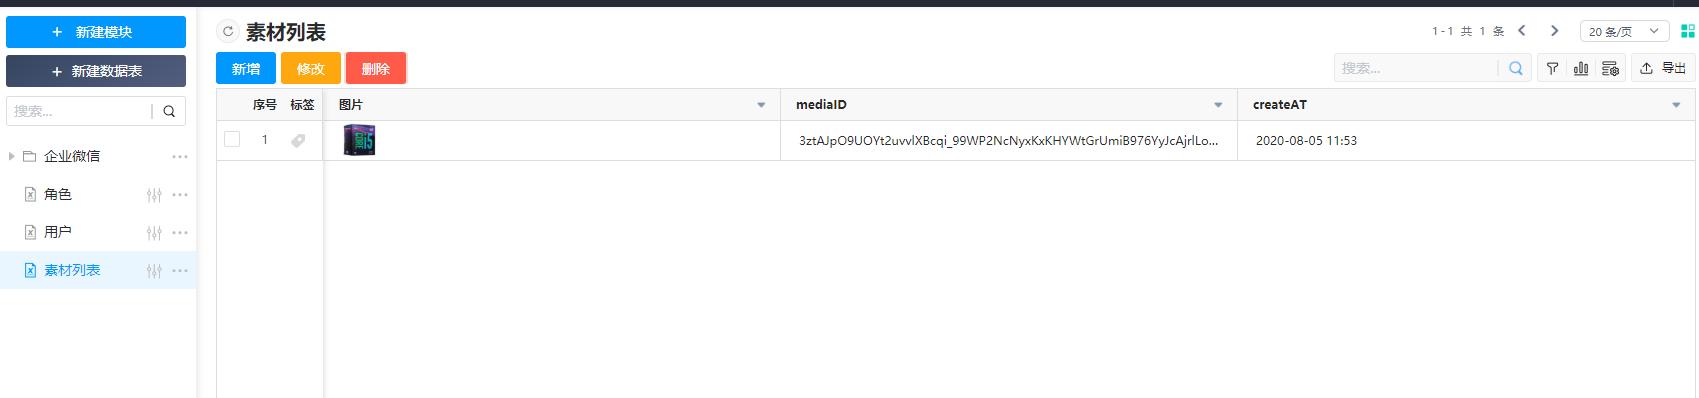 https://pan.bnocode.com/project/5ccfc7ad044c8e018c8c5d36/attachment/20200805/1596599608520_image.png